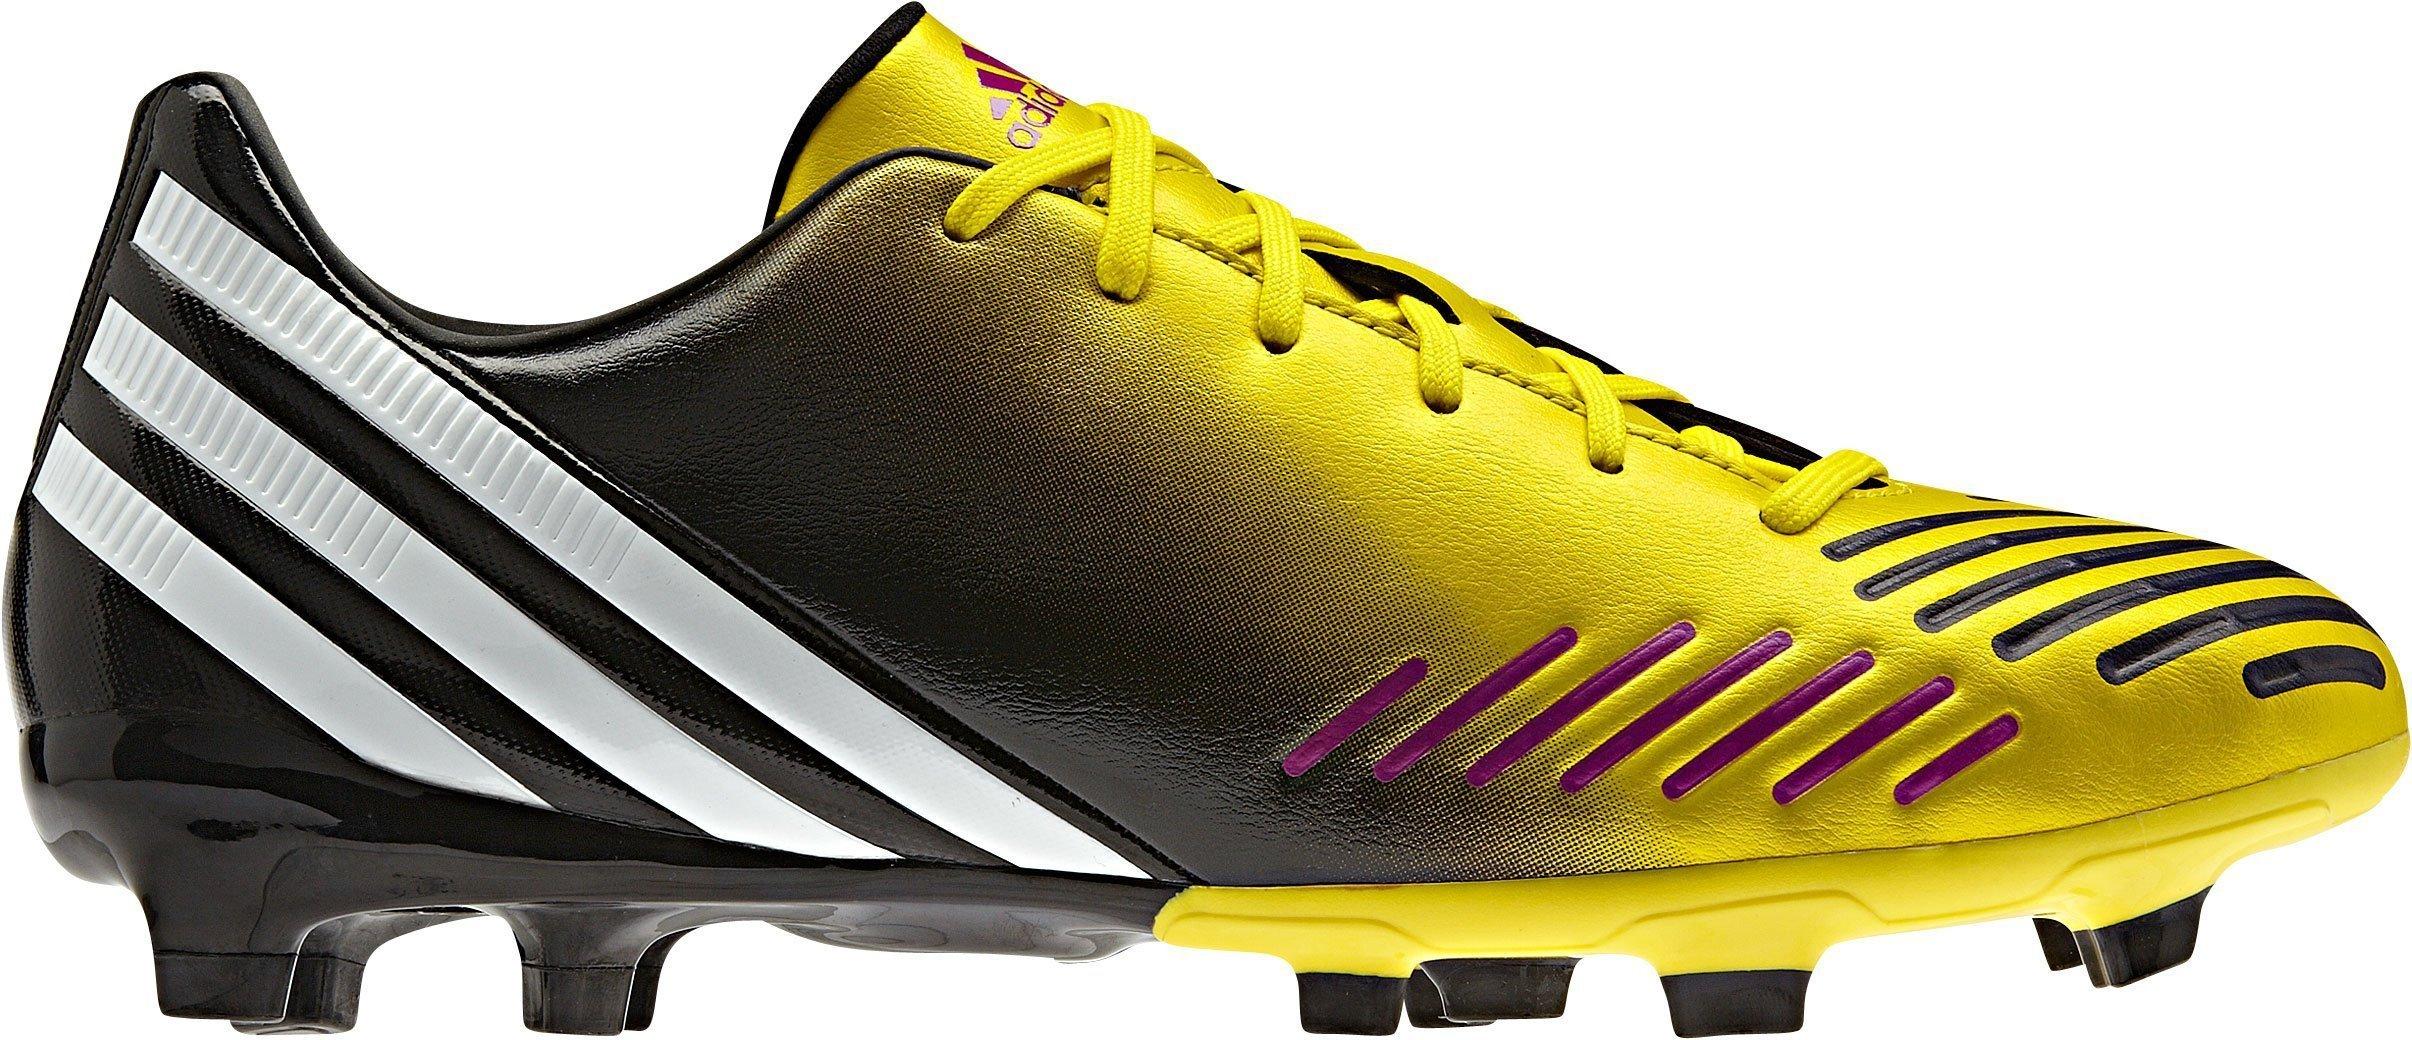 Adidas sport performance Adidas predator absolado lz trx fg fodboldstøvler herre på billigsport24